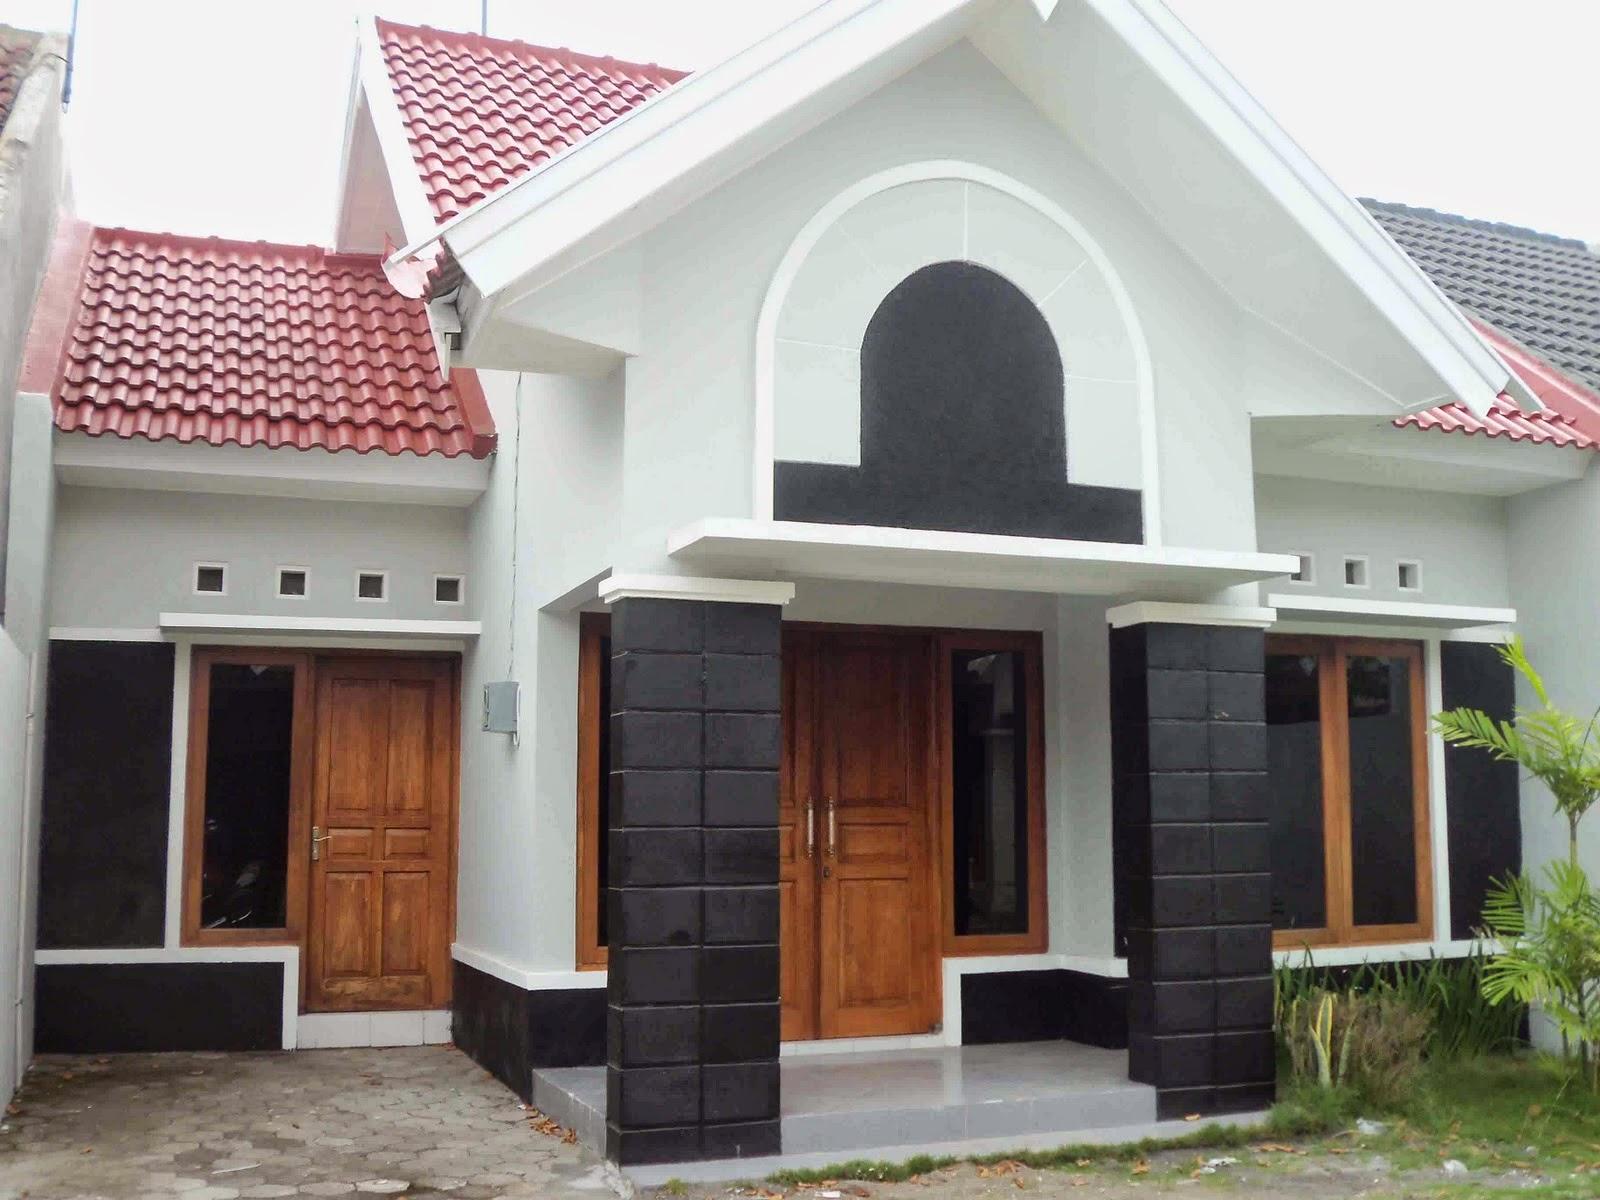 Desain Rumah Sederhana Yang Bagus Interior Rumah